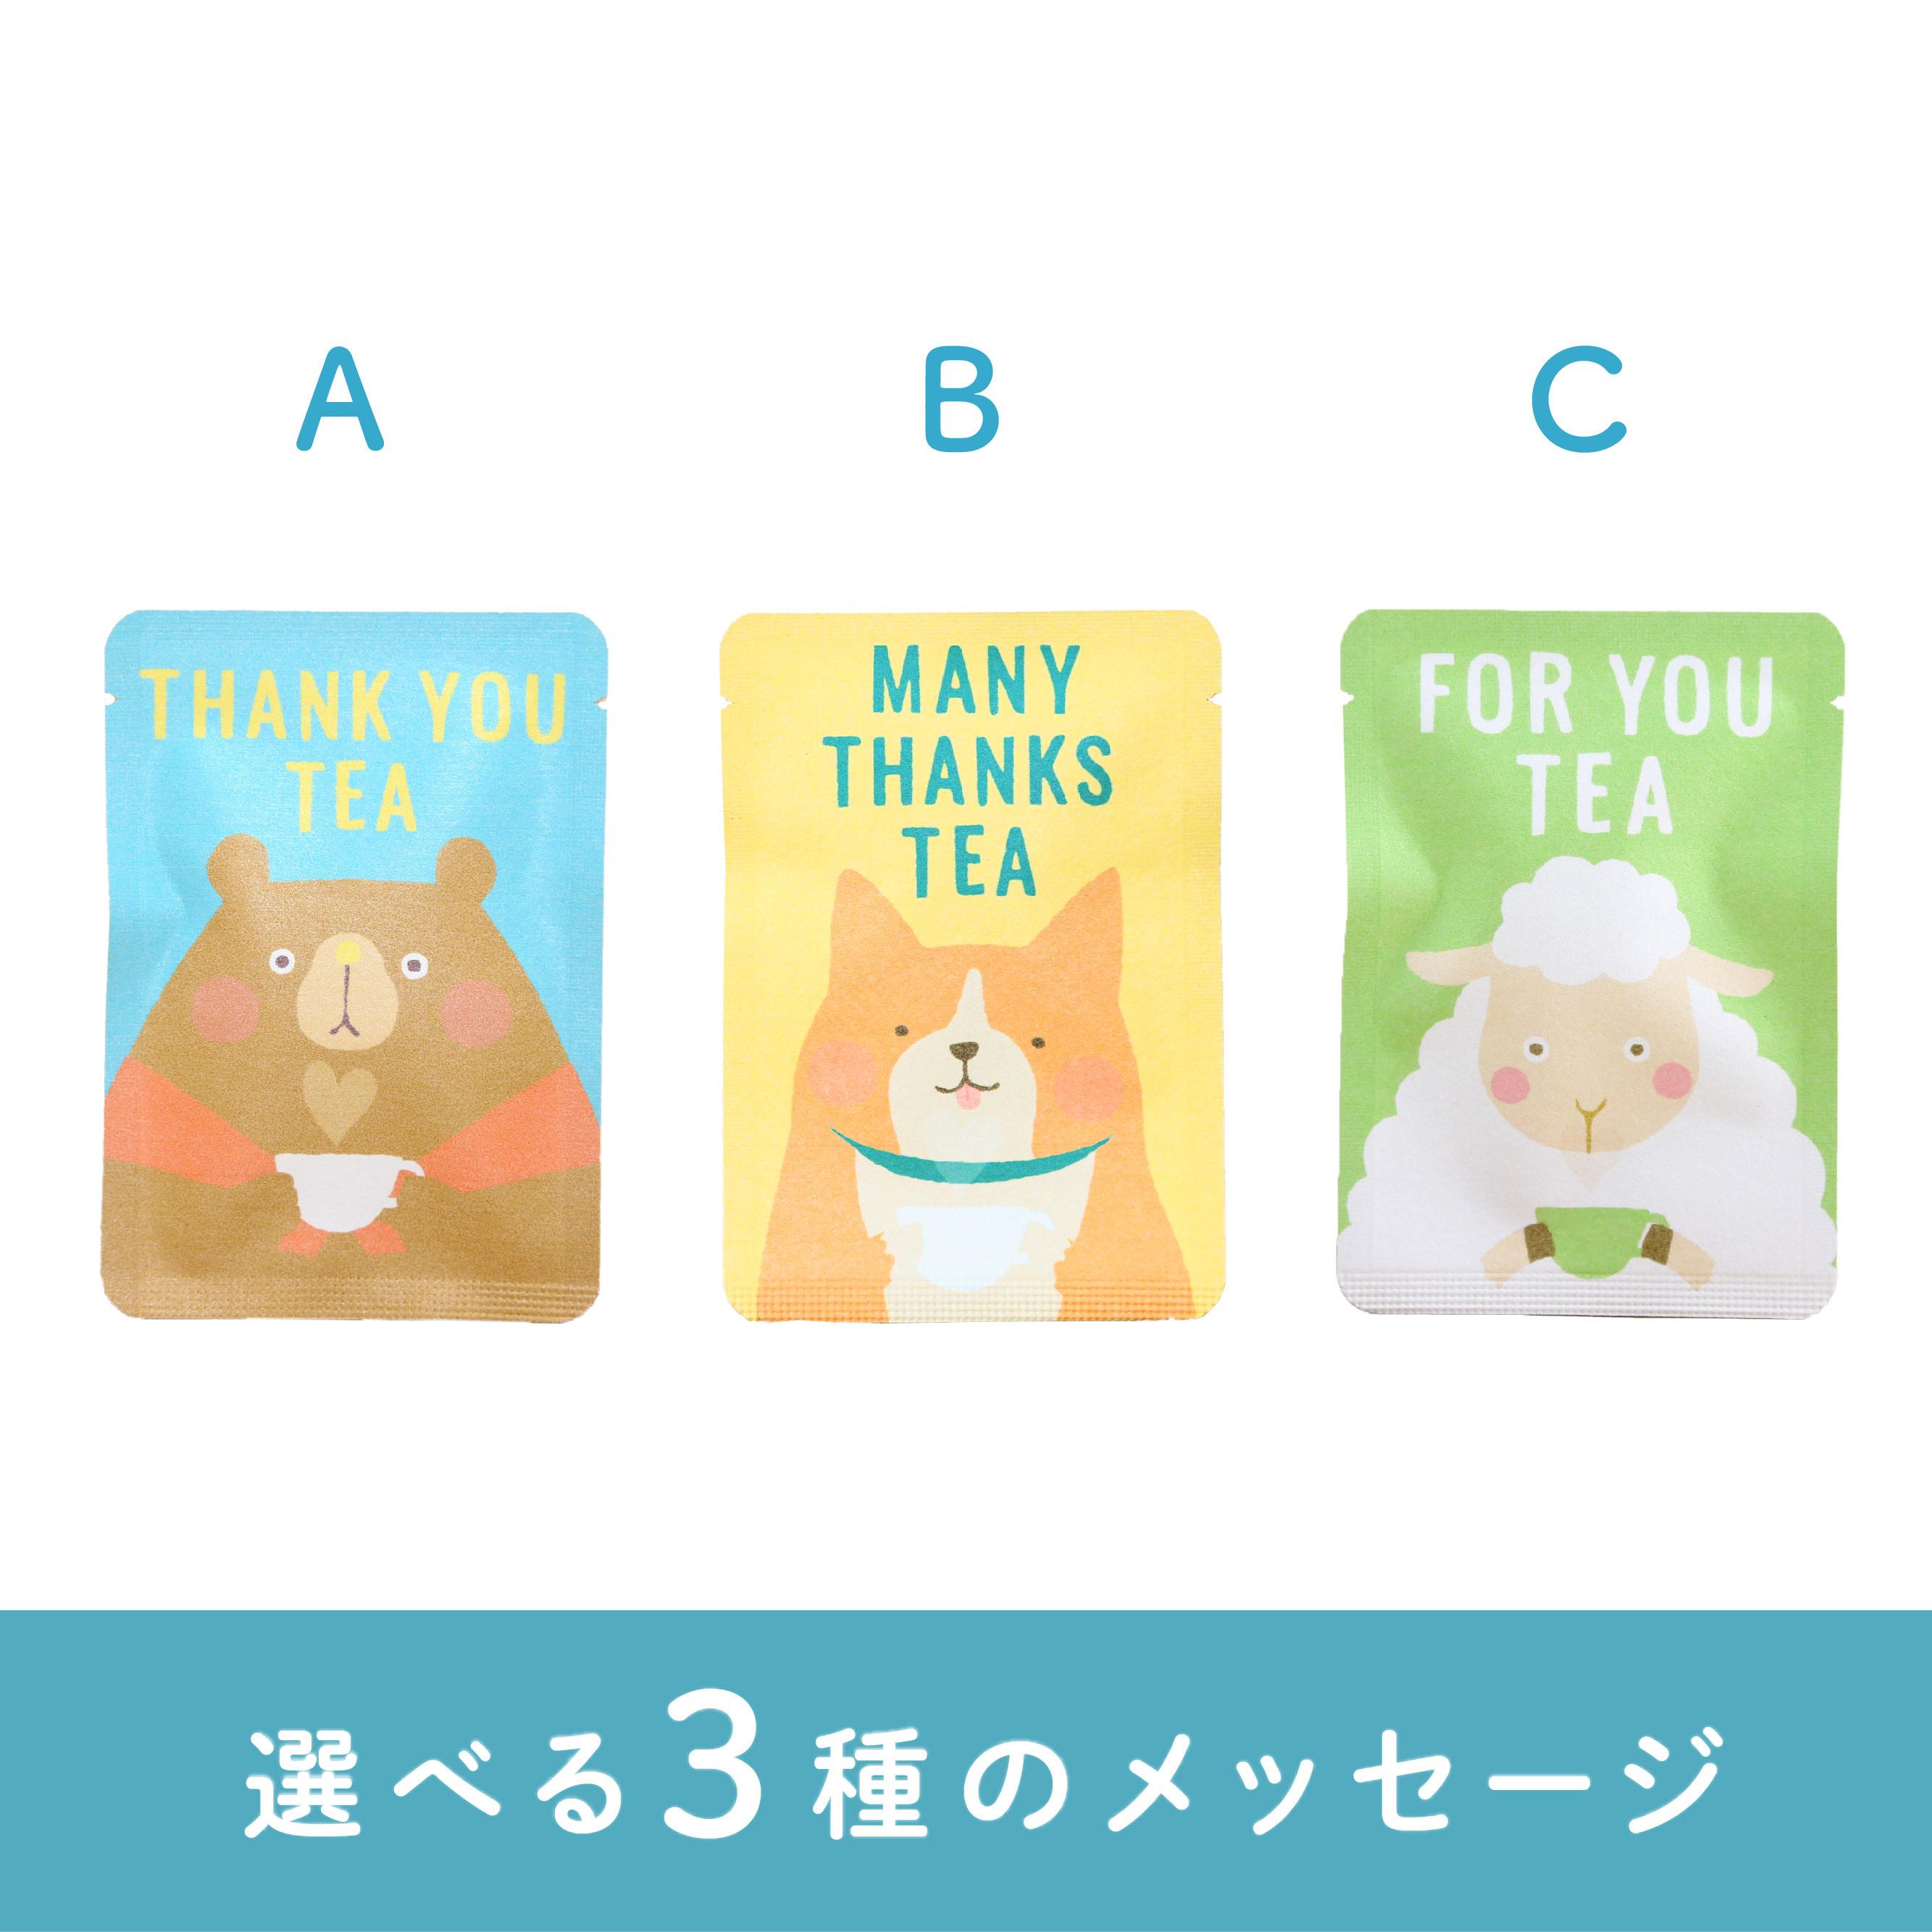 和紅茶は3種のメッセージから選べる